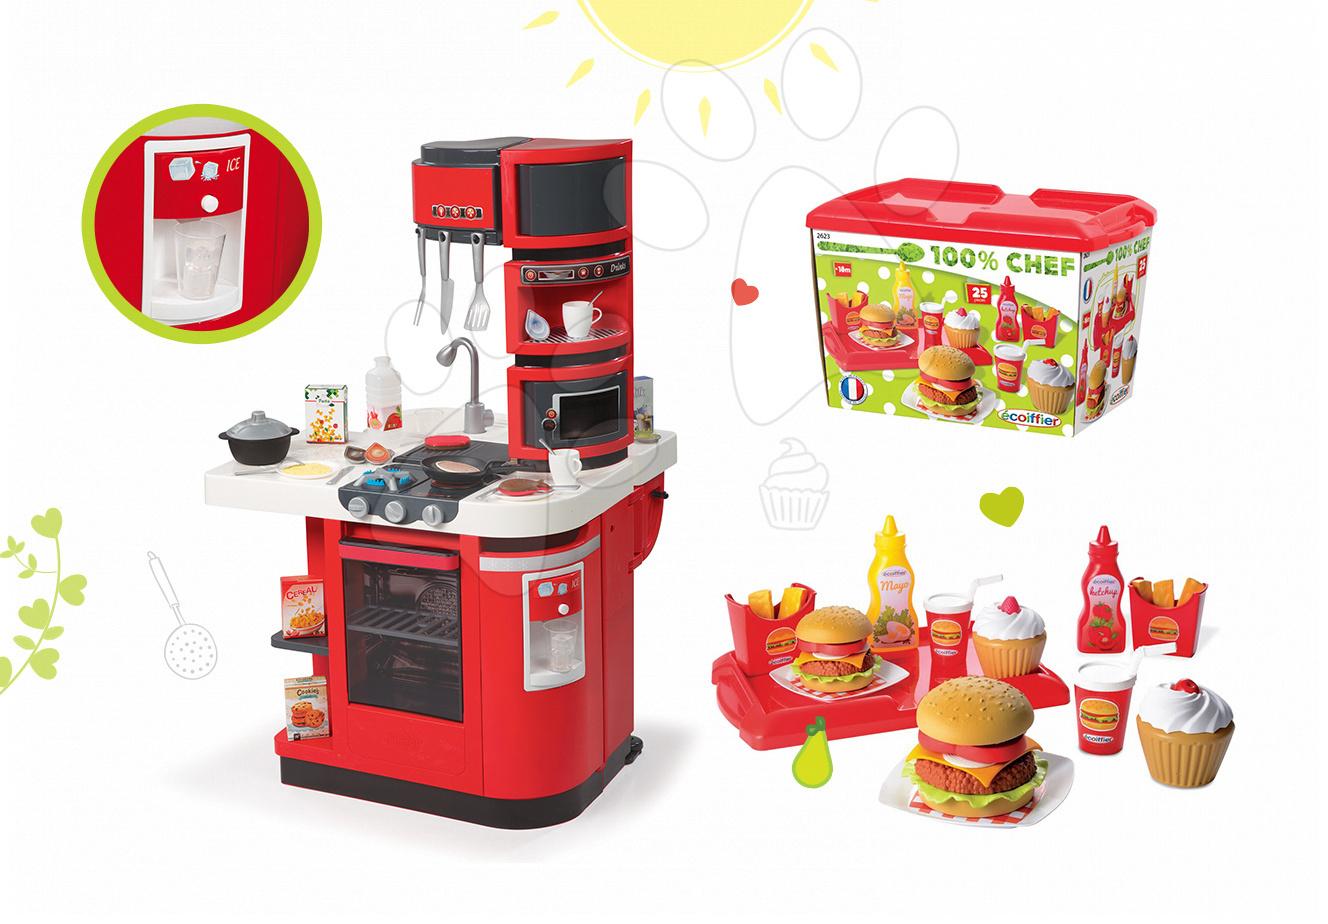 Kuchynky pre deti sety - Set kuchynka CookMaster Smoby so zvukmi a ľadom a set hamburgerov 100% Chef